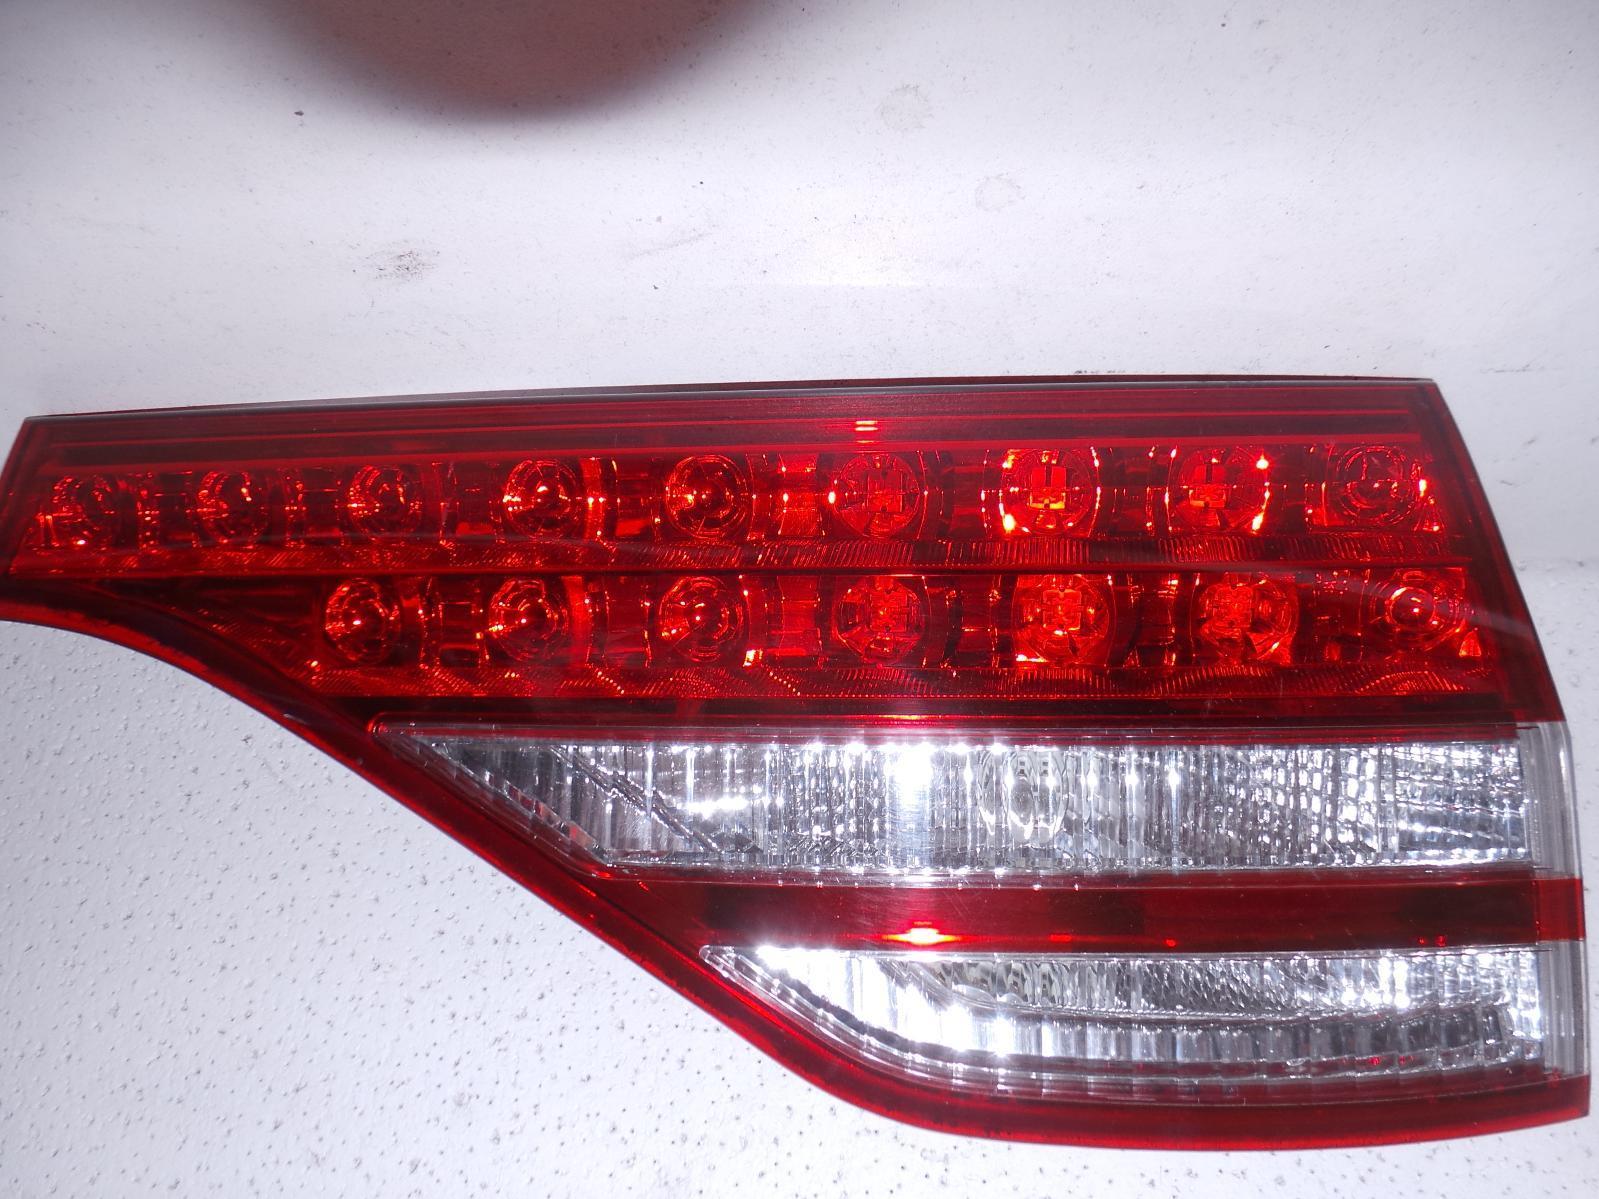 TOYOTA TARAGO, Rear Garnish, TAILGATE LAMP (RH SIDE), ACR50R, 03/06-12/08